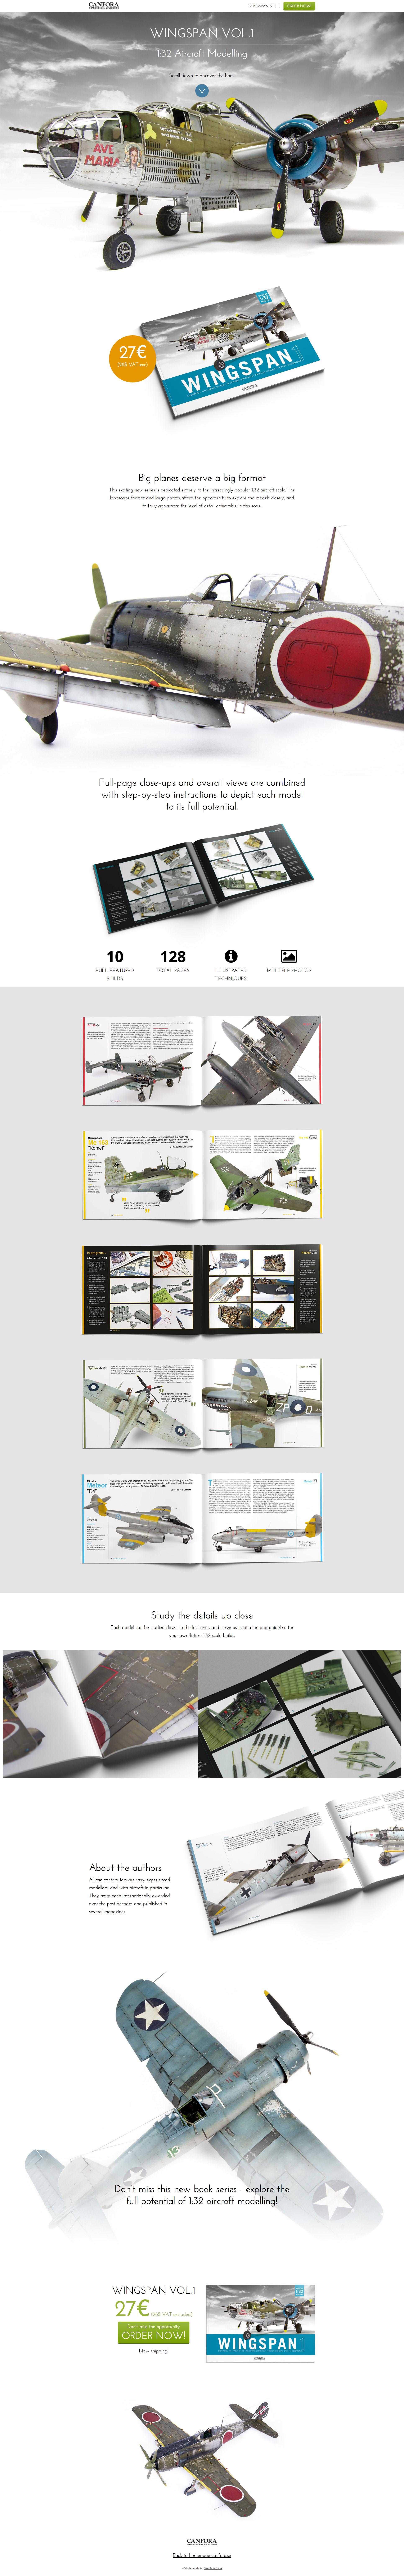 canfora_wingspan